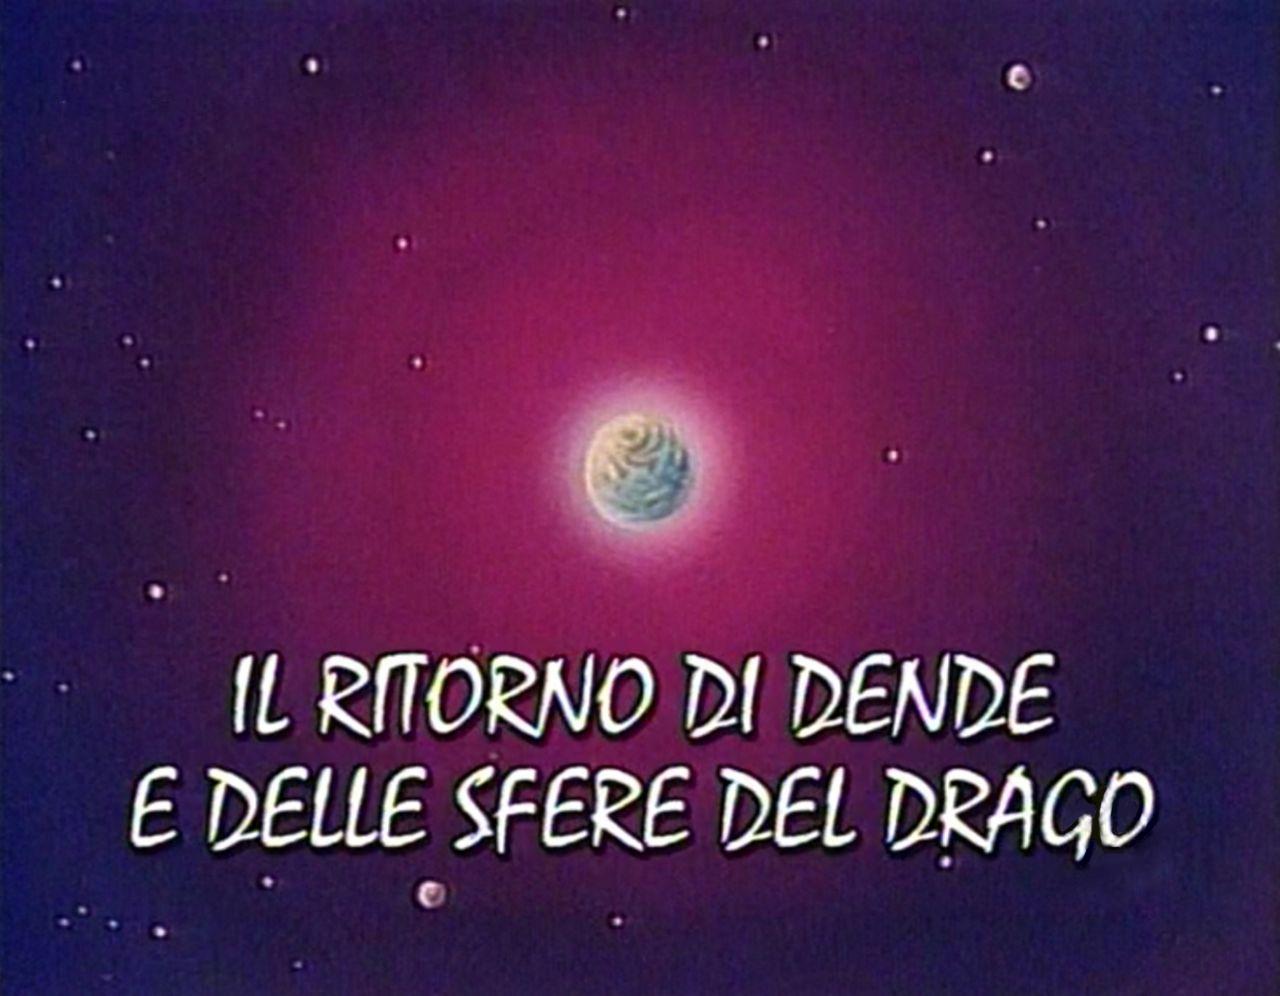 Il ritorno di Dende e delle sfere del drago